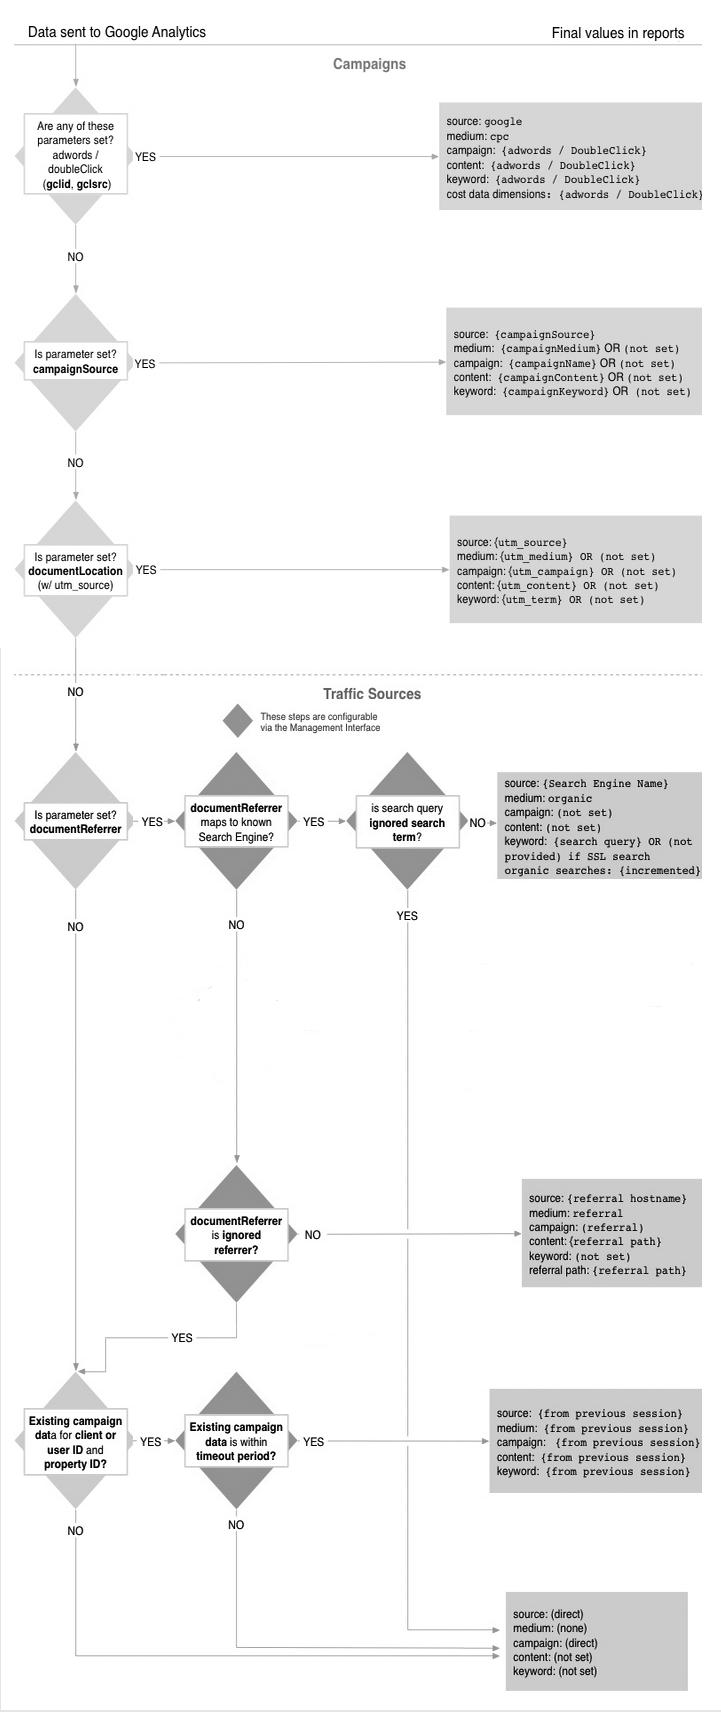 fuentes de tráfico de google analytics